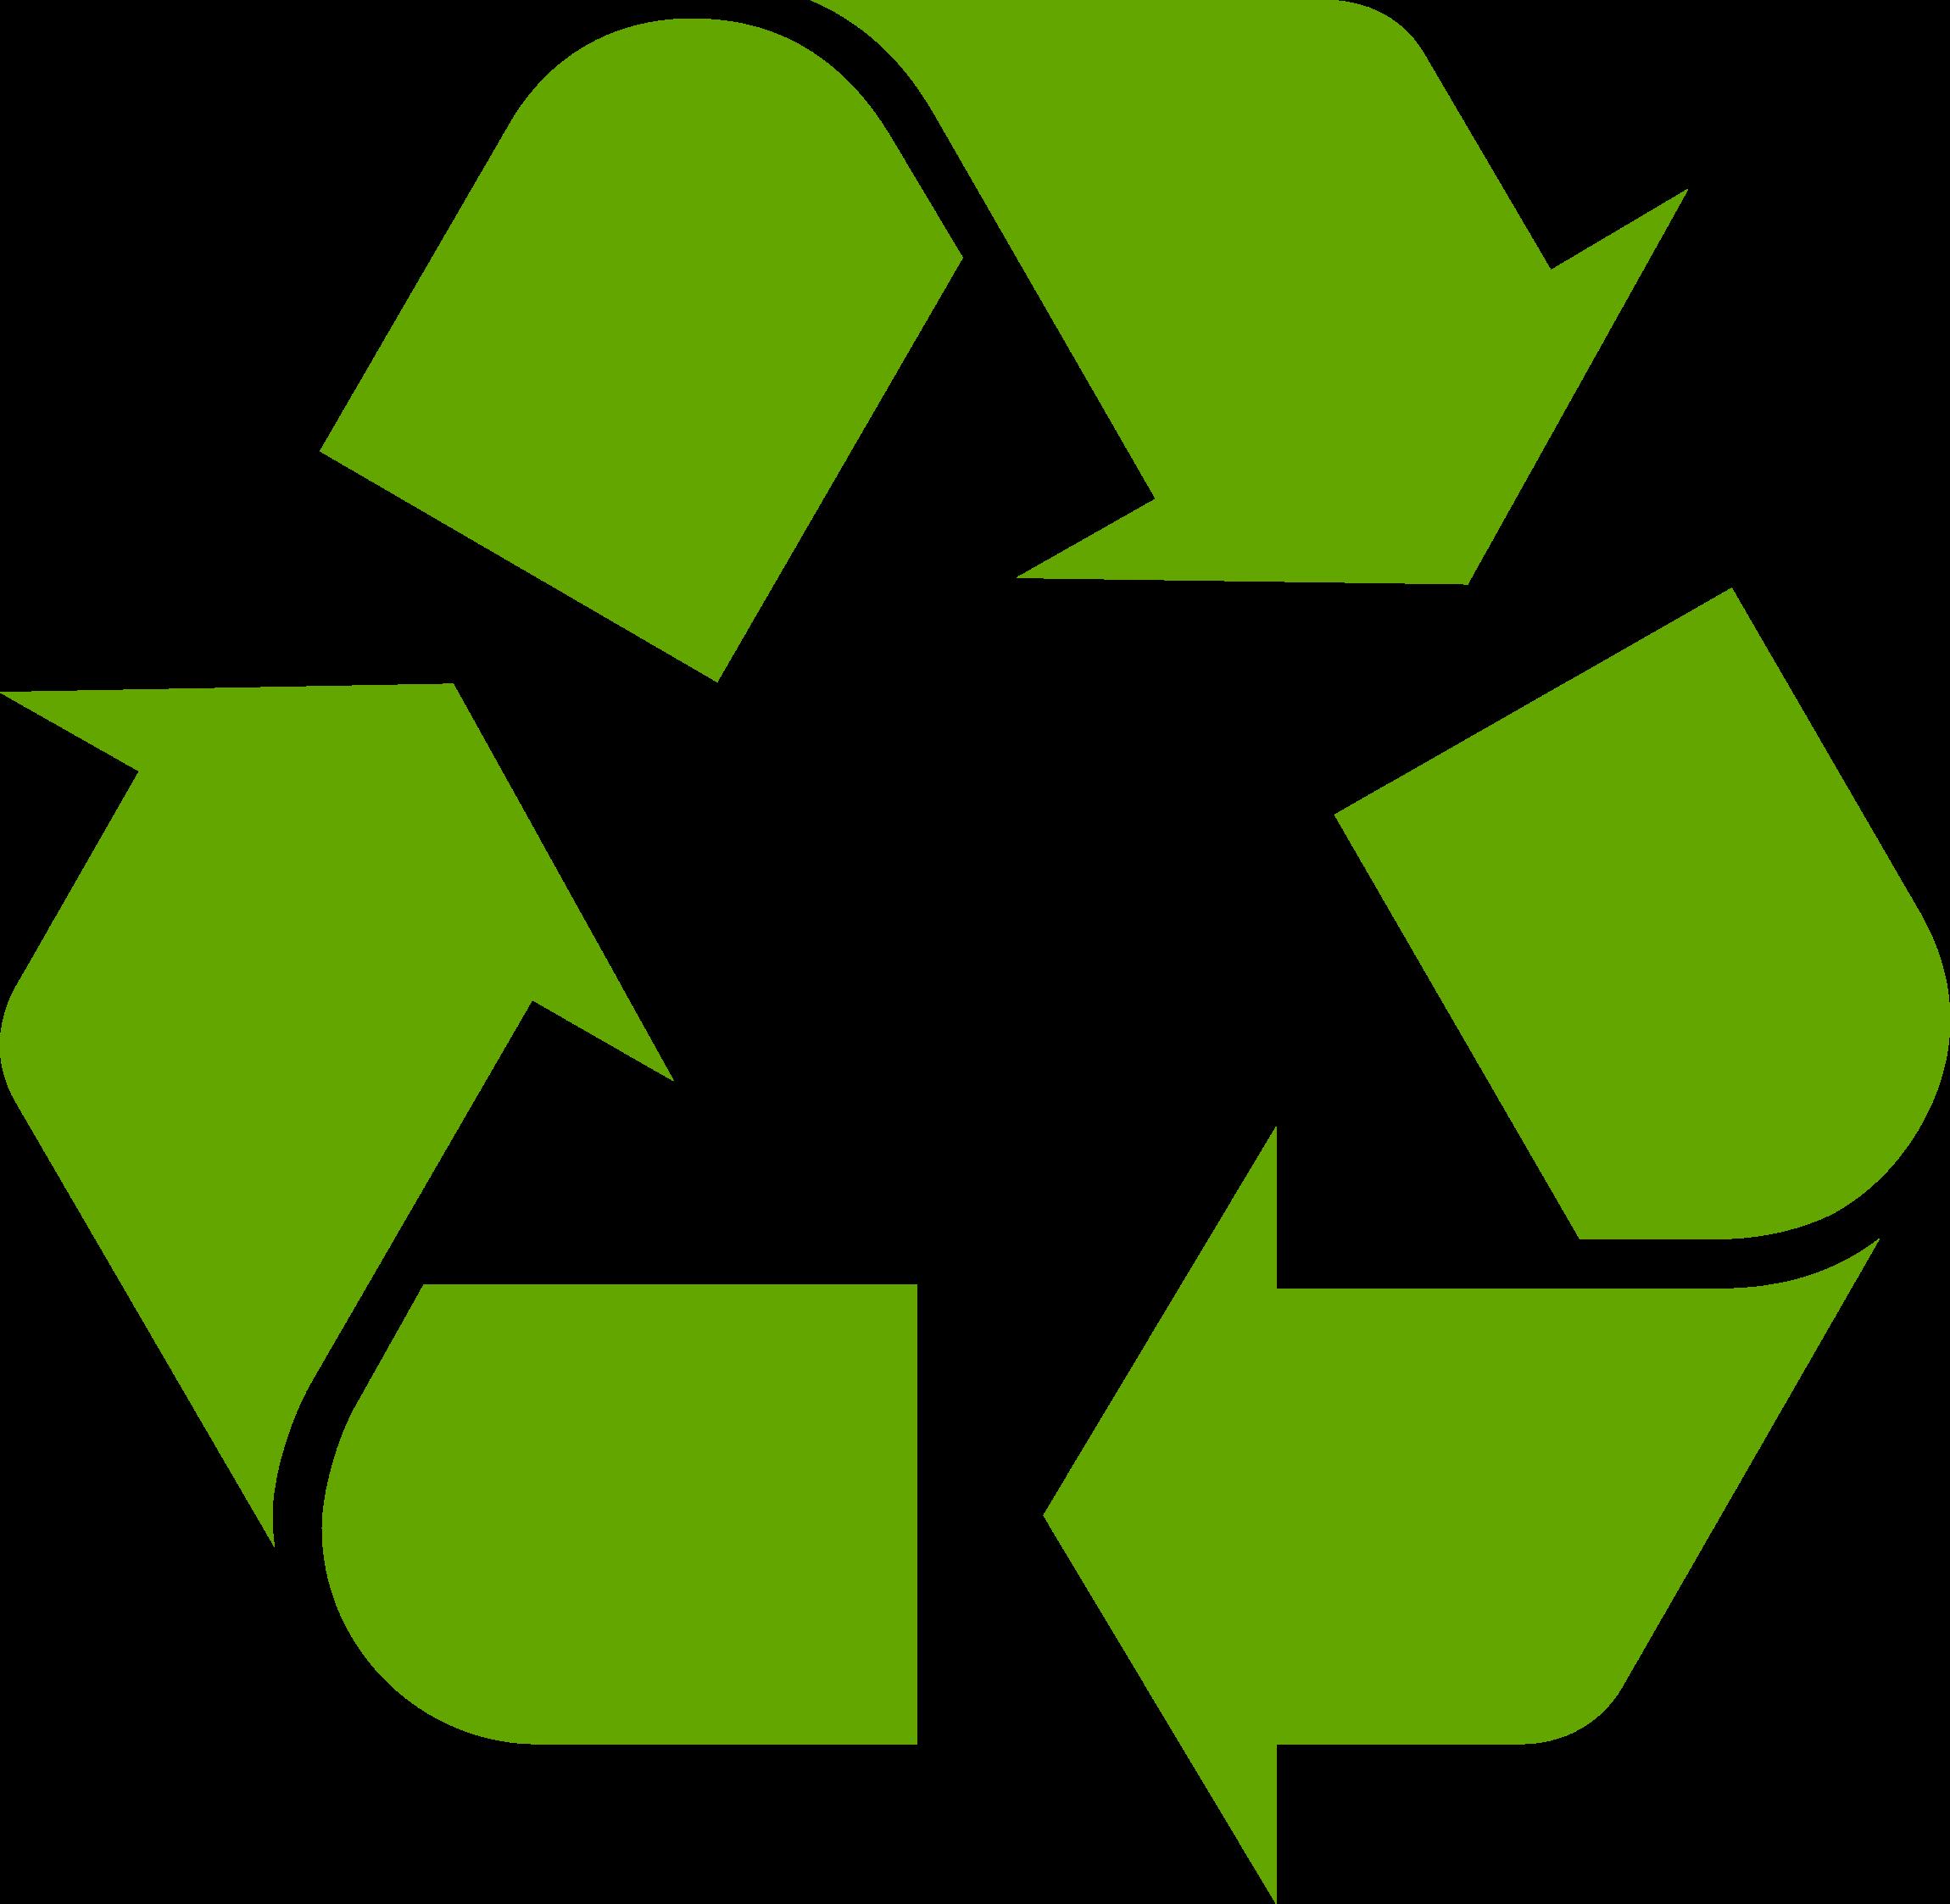 simbolo-de-reciclagem-2